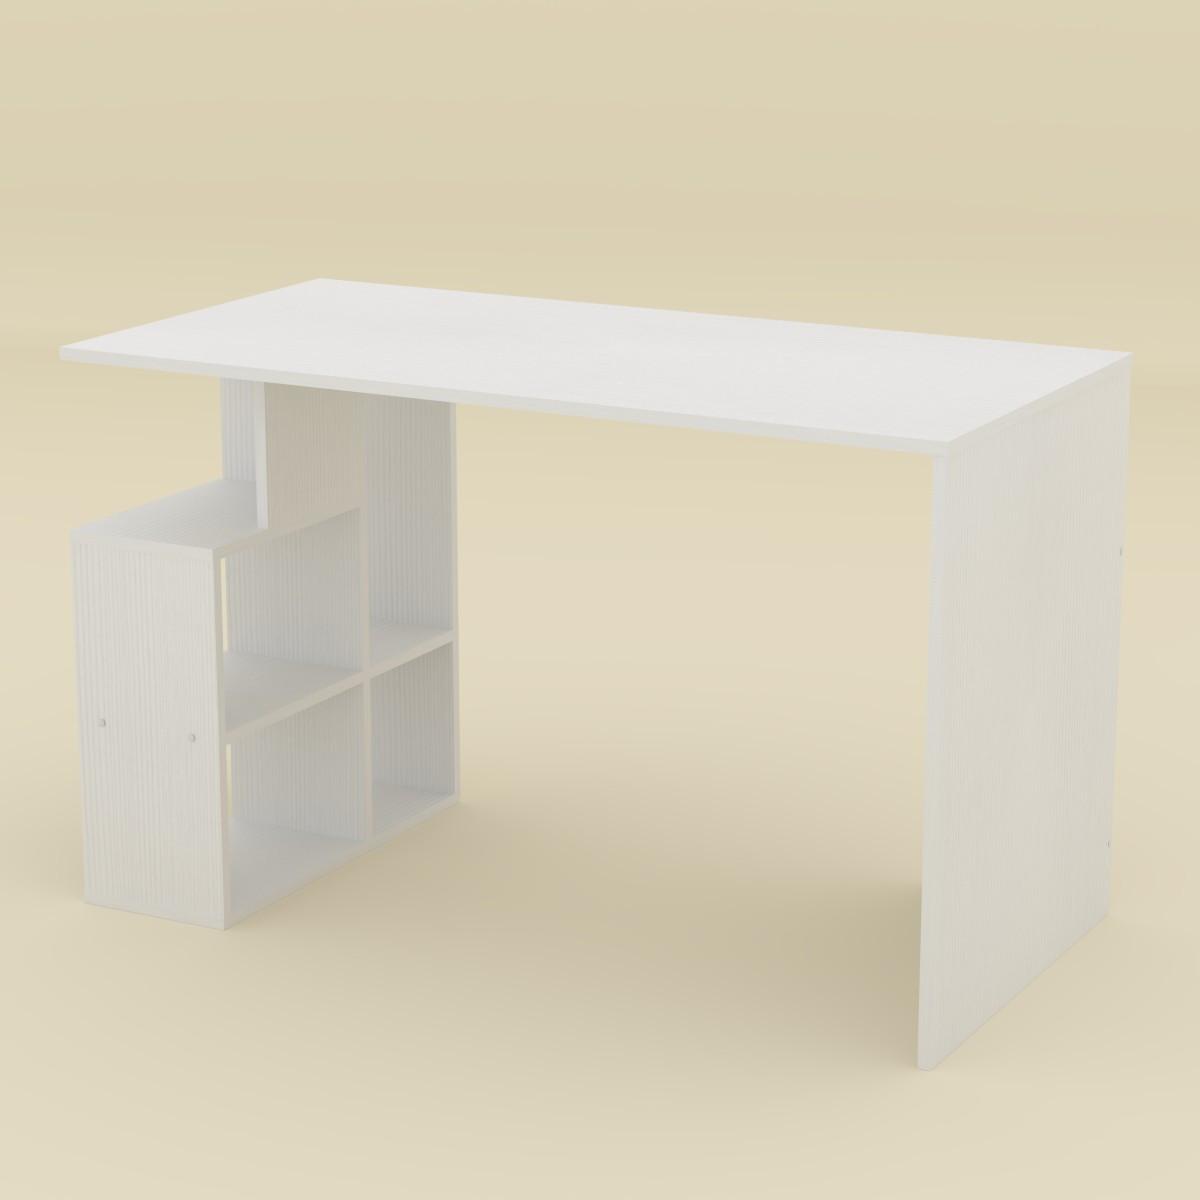 Стол письменный Ученик-3 белый Компанит (120х60х74 см)